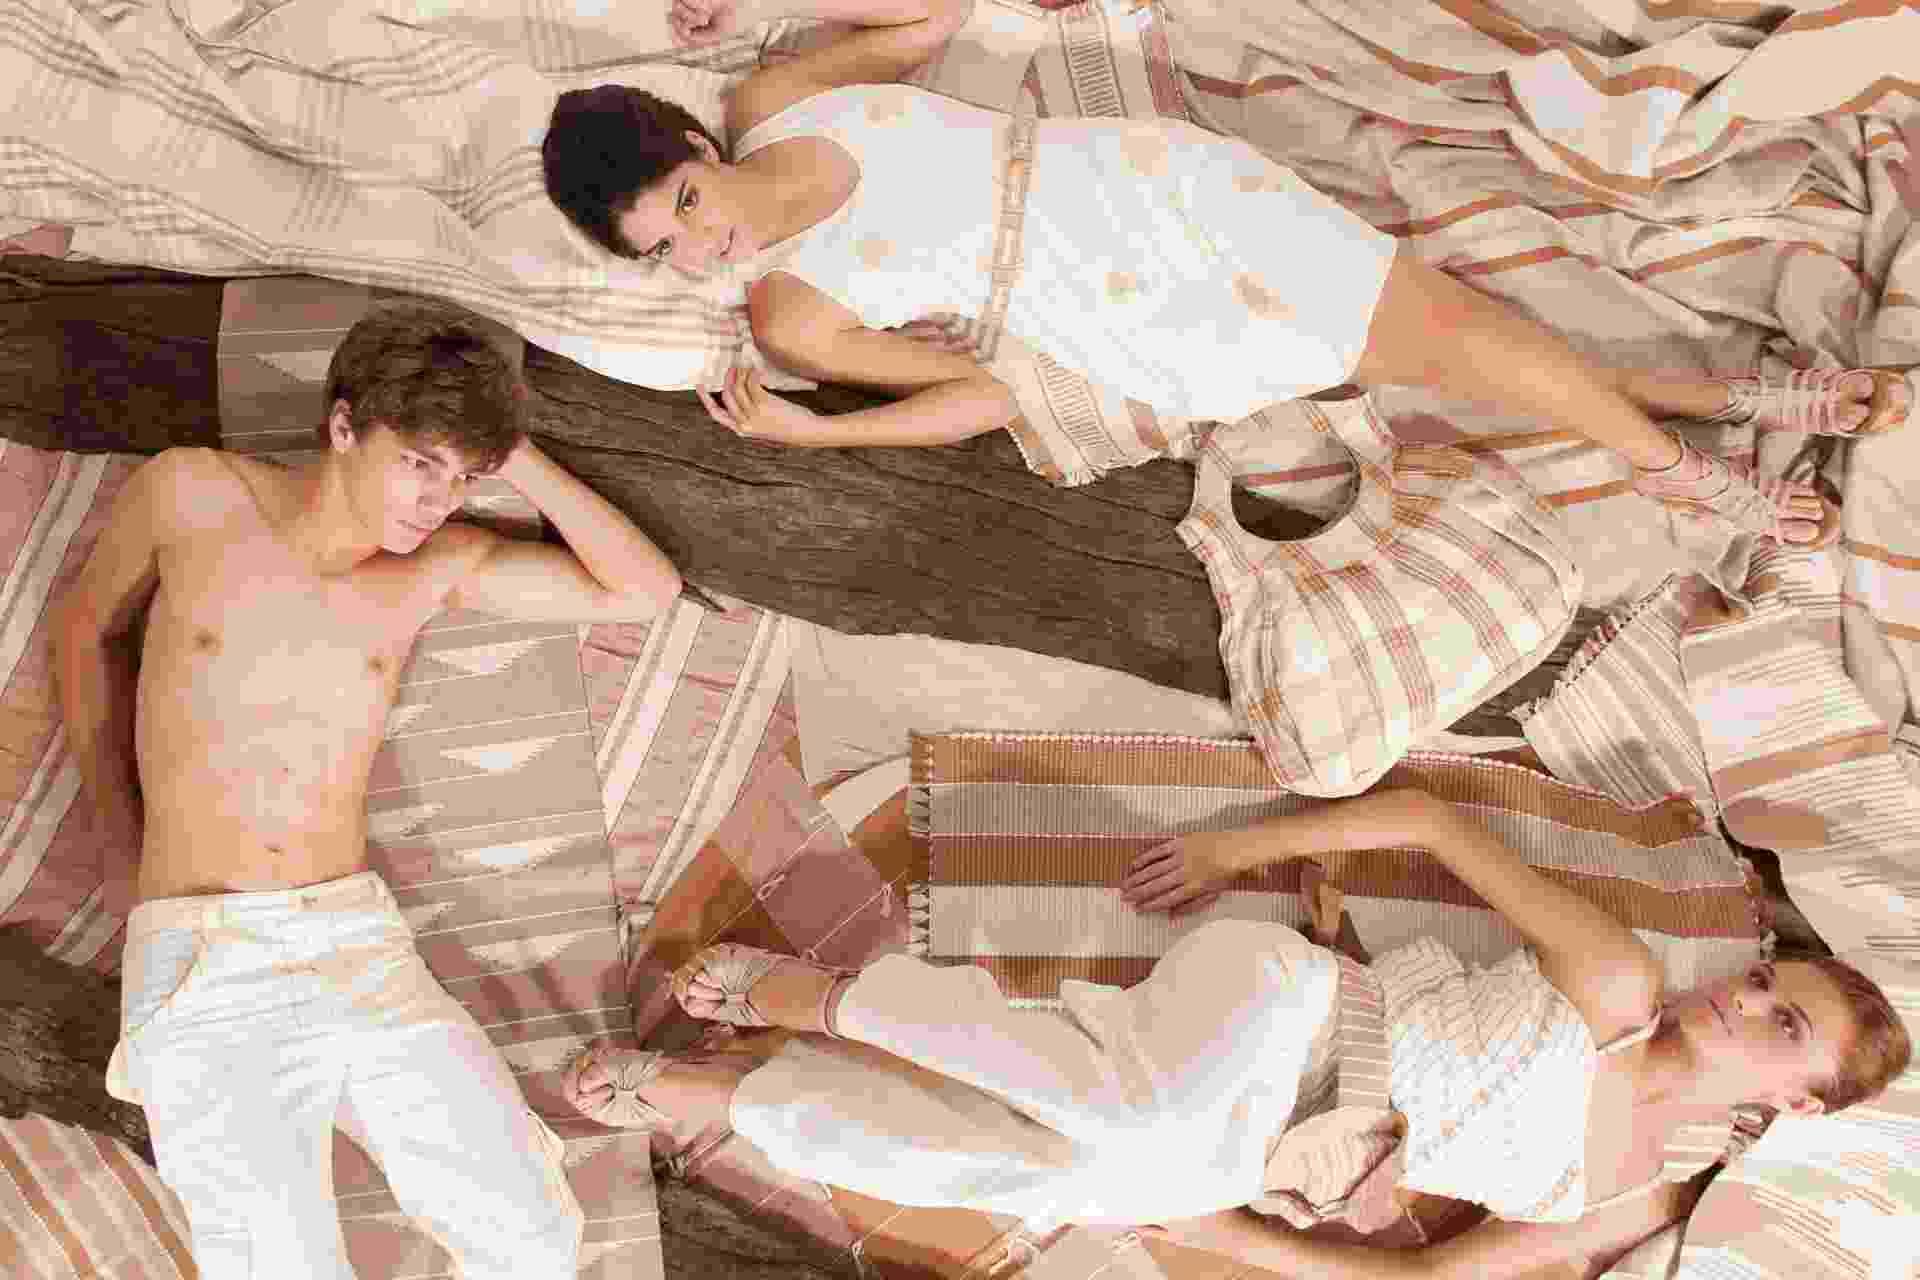 Após o cruzamento com o algodão branco comercial, em um trabalho desenvolvido pela Embrapa (Empresa Brasileira de Pesquisa Agropecuária) no início de 2000, o tipo colorido do algodão voltou a ser produzido em escala comercial e já é exportado para França, Japão, Estados Unidos e Alemanha - Natural Cotton Color/Divulgação